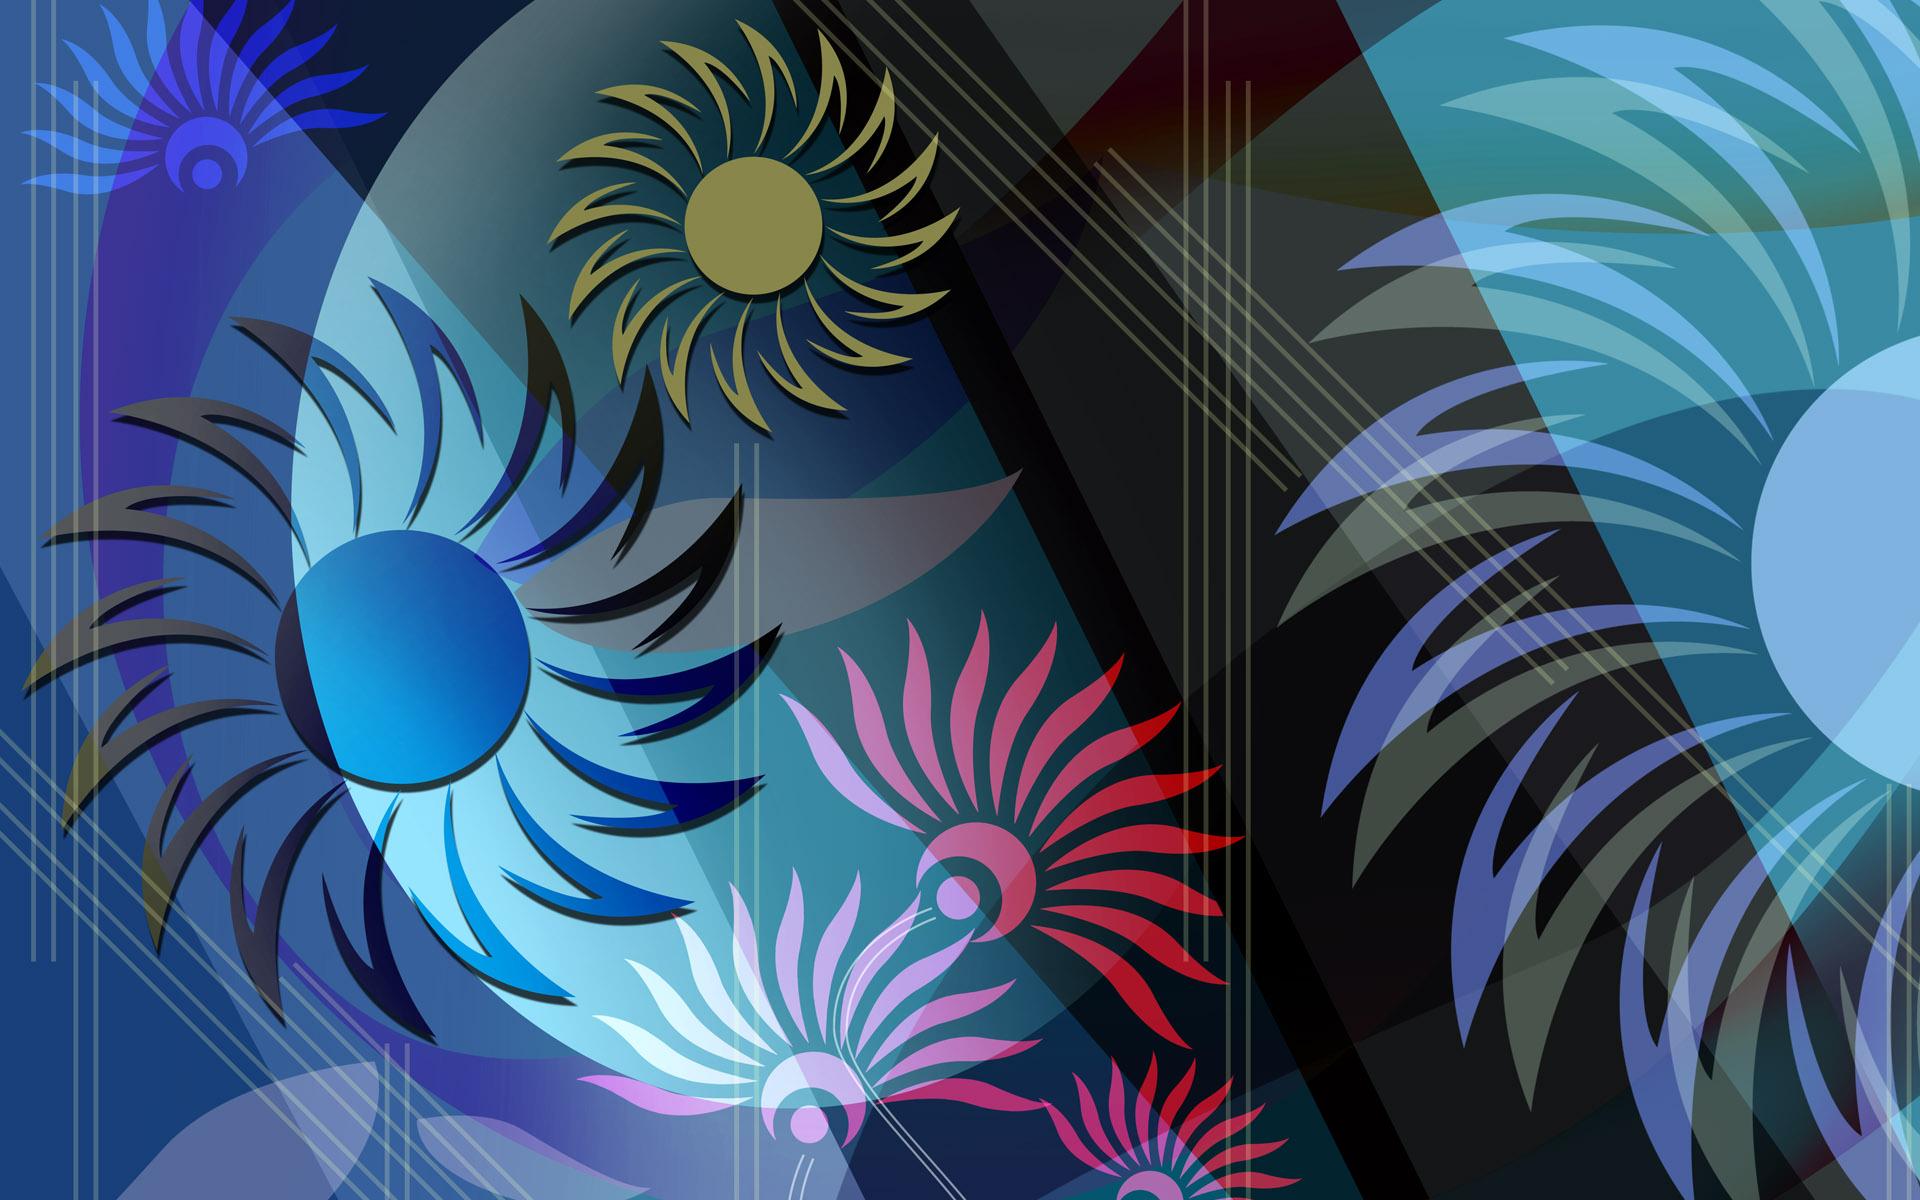 wallpapers wallpaper designs flower design 1920x1200 1920x1200